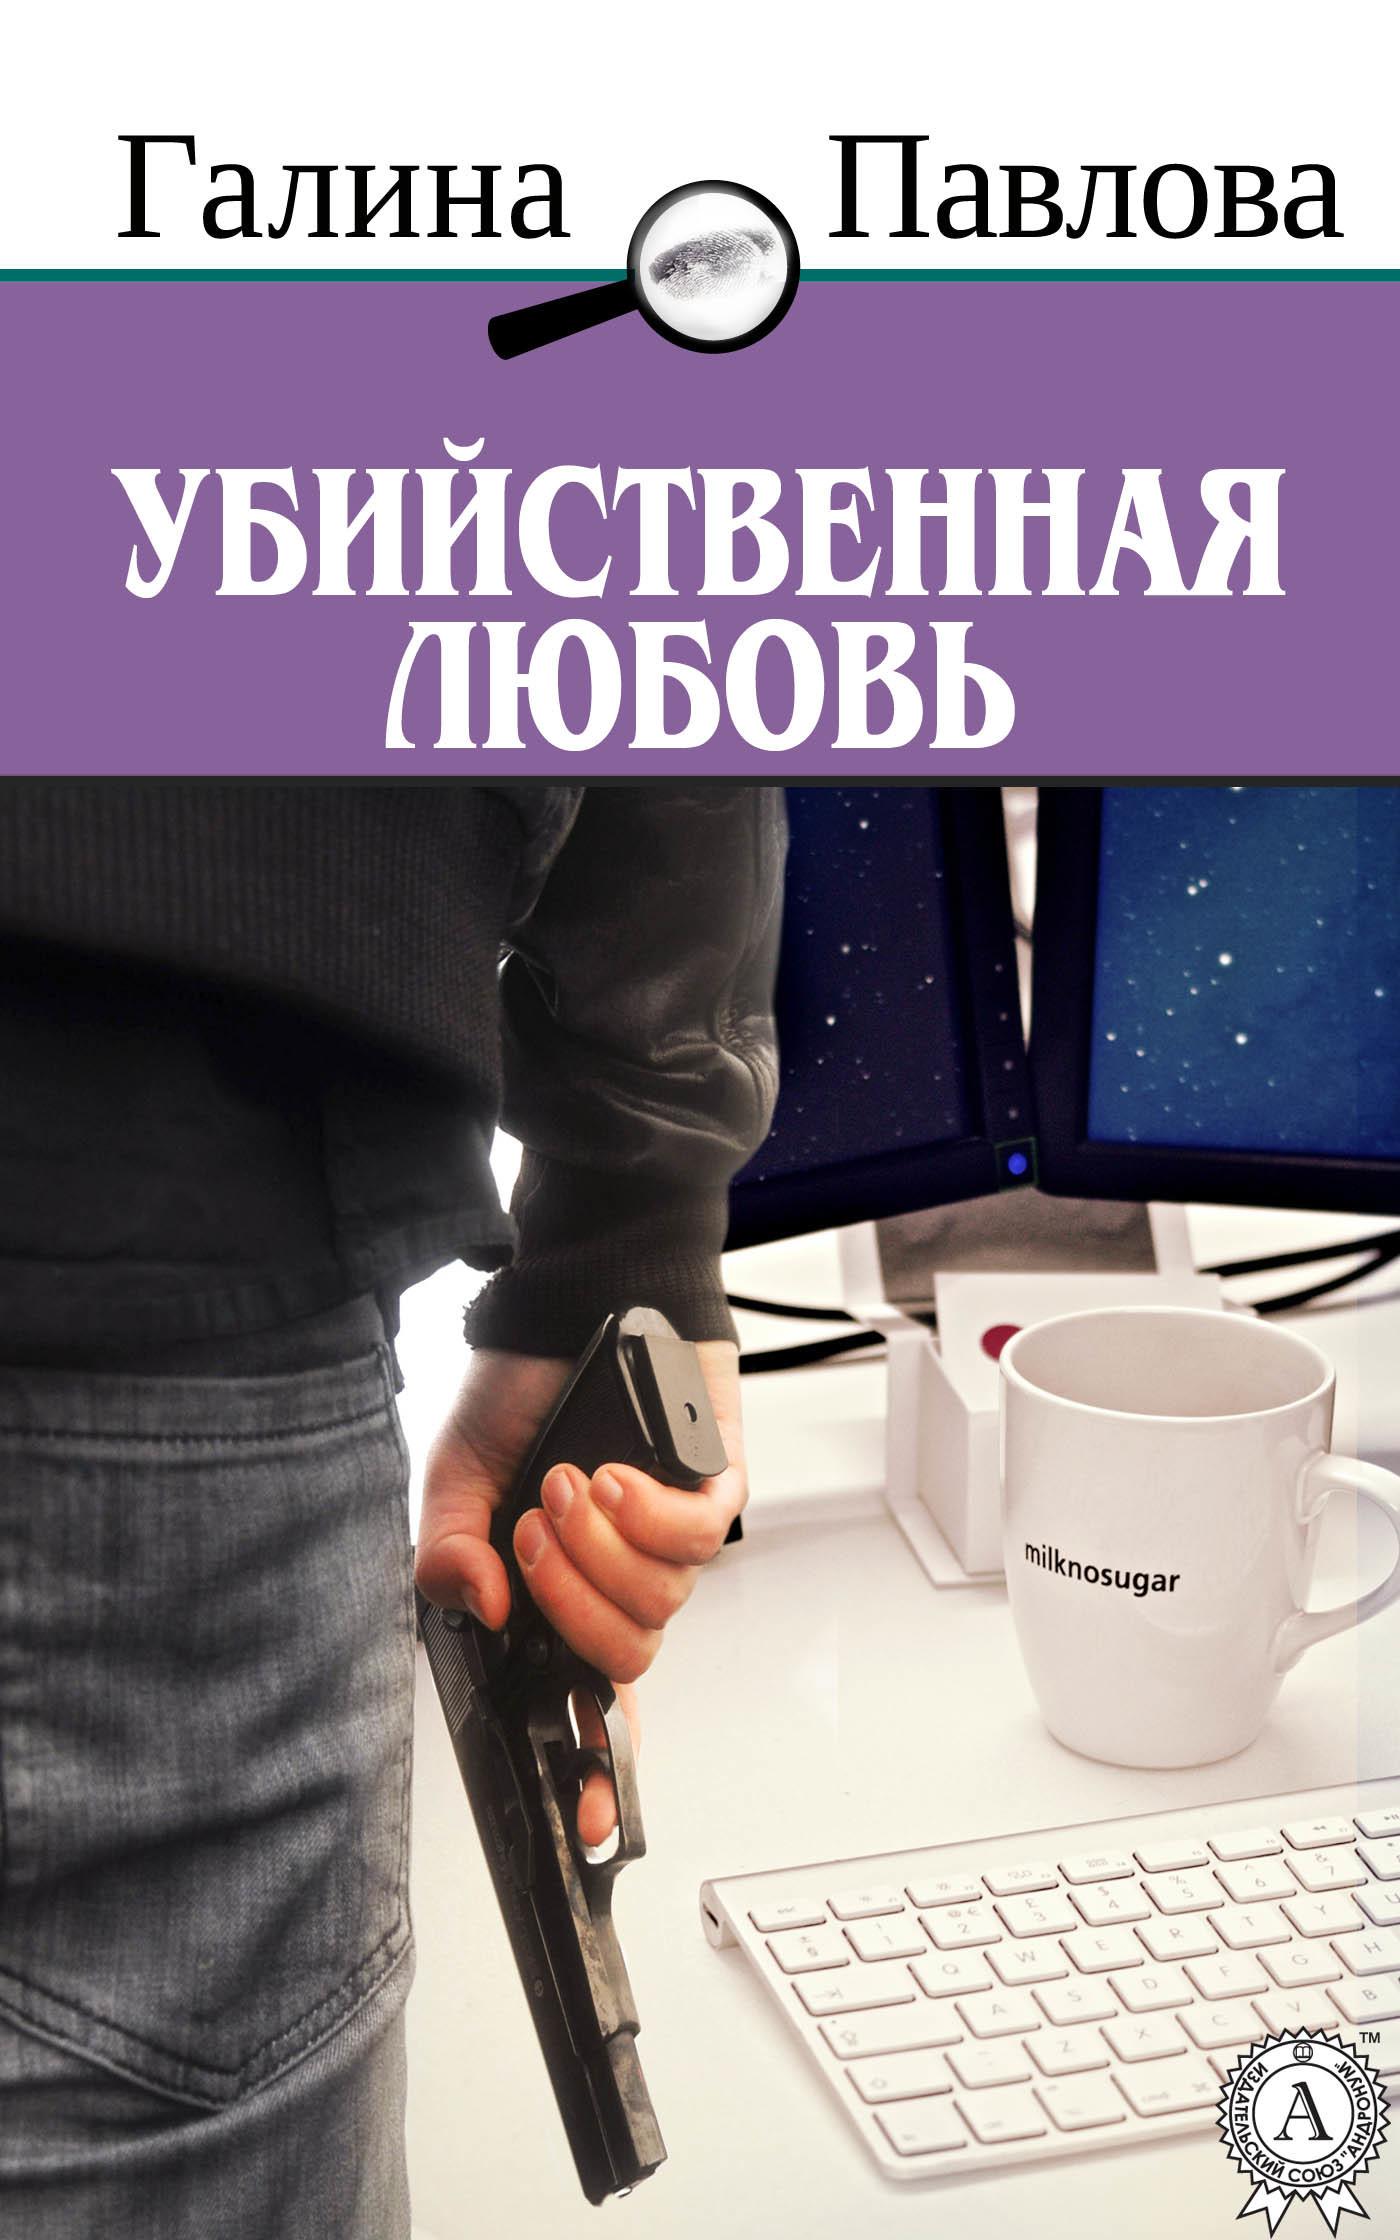 Галина Павлова «Убийственная любовь»